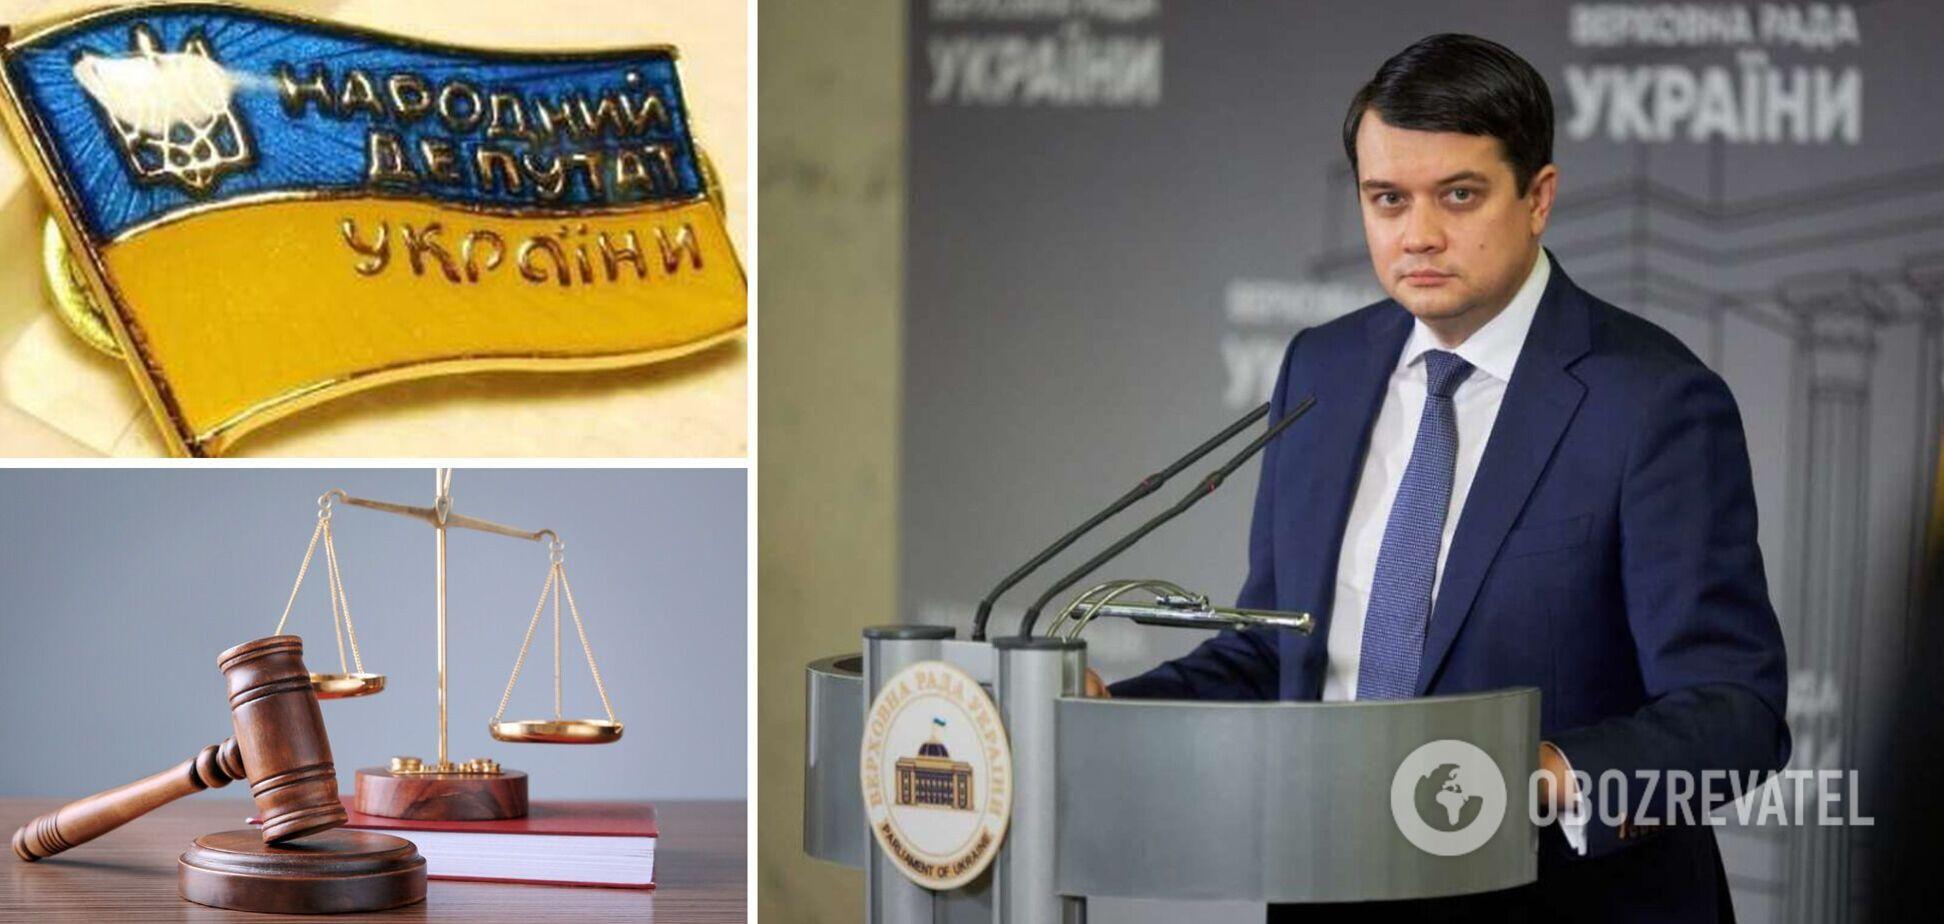 Разумков заявил о готовности пойти в суд, если у него заберут мандат: буду отстаивать свои права